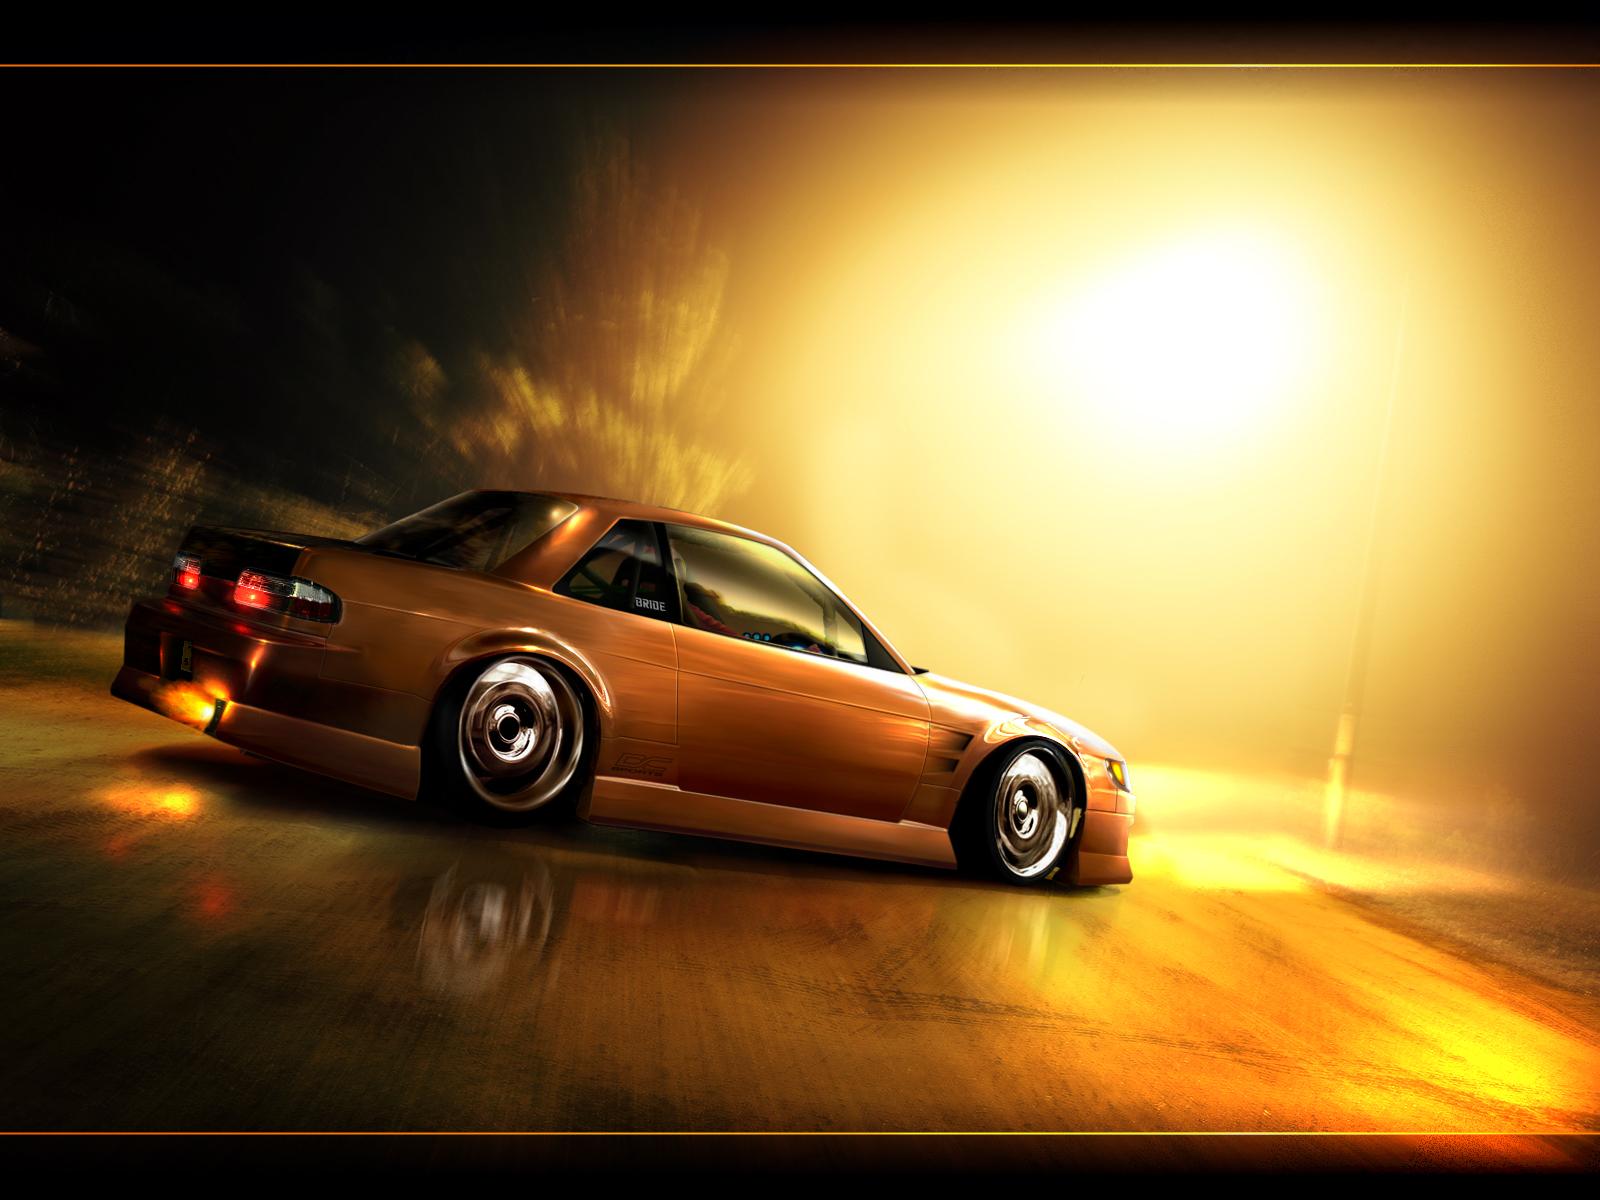 hot drifting hd wallpapers – wallpaper202